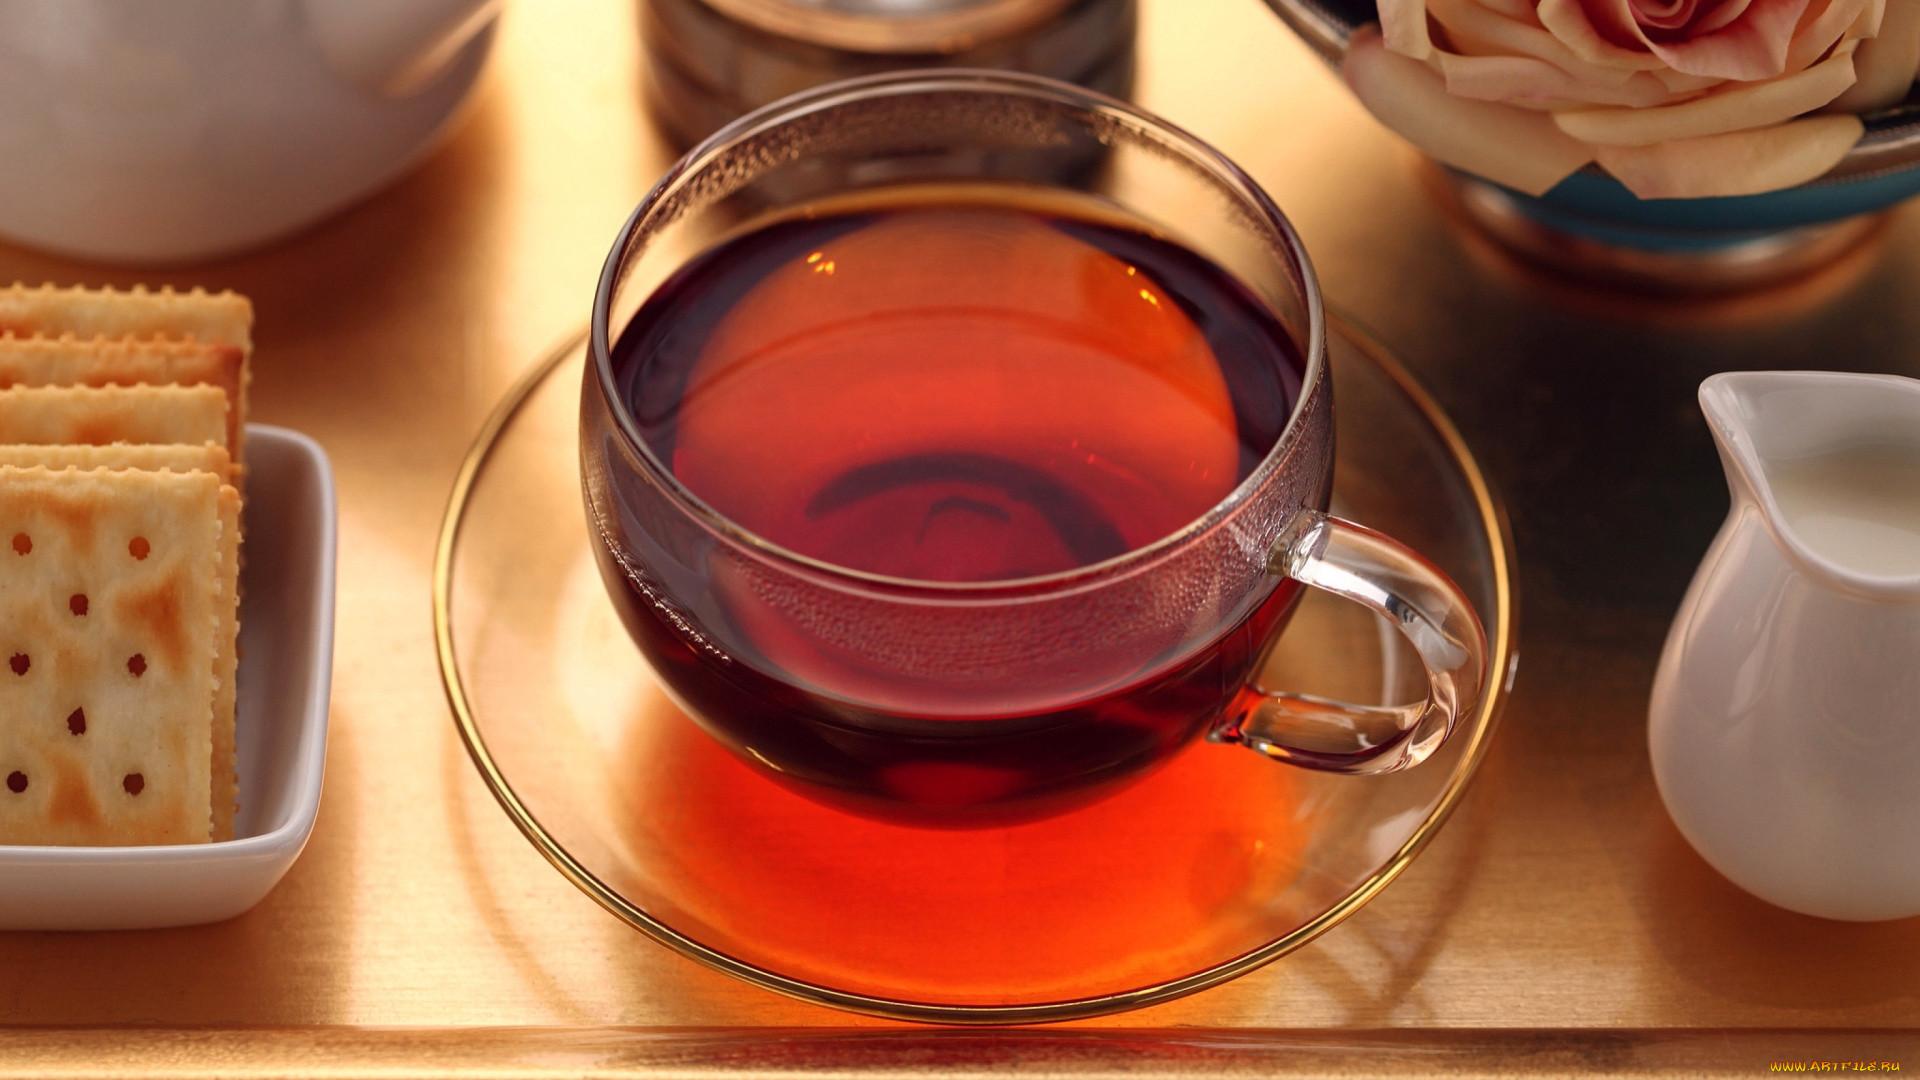 сомневаетесь, красивые картинки еды и чаепития камин маленькой гостиной